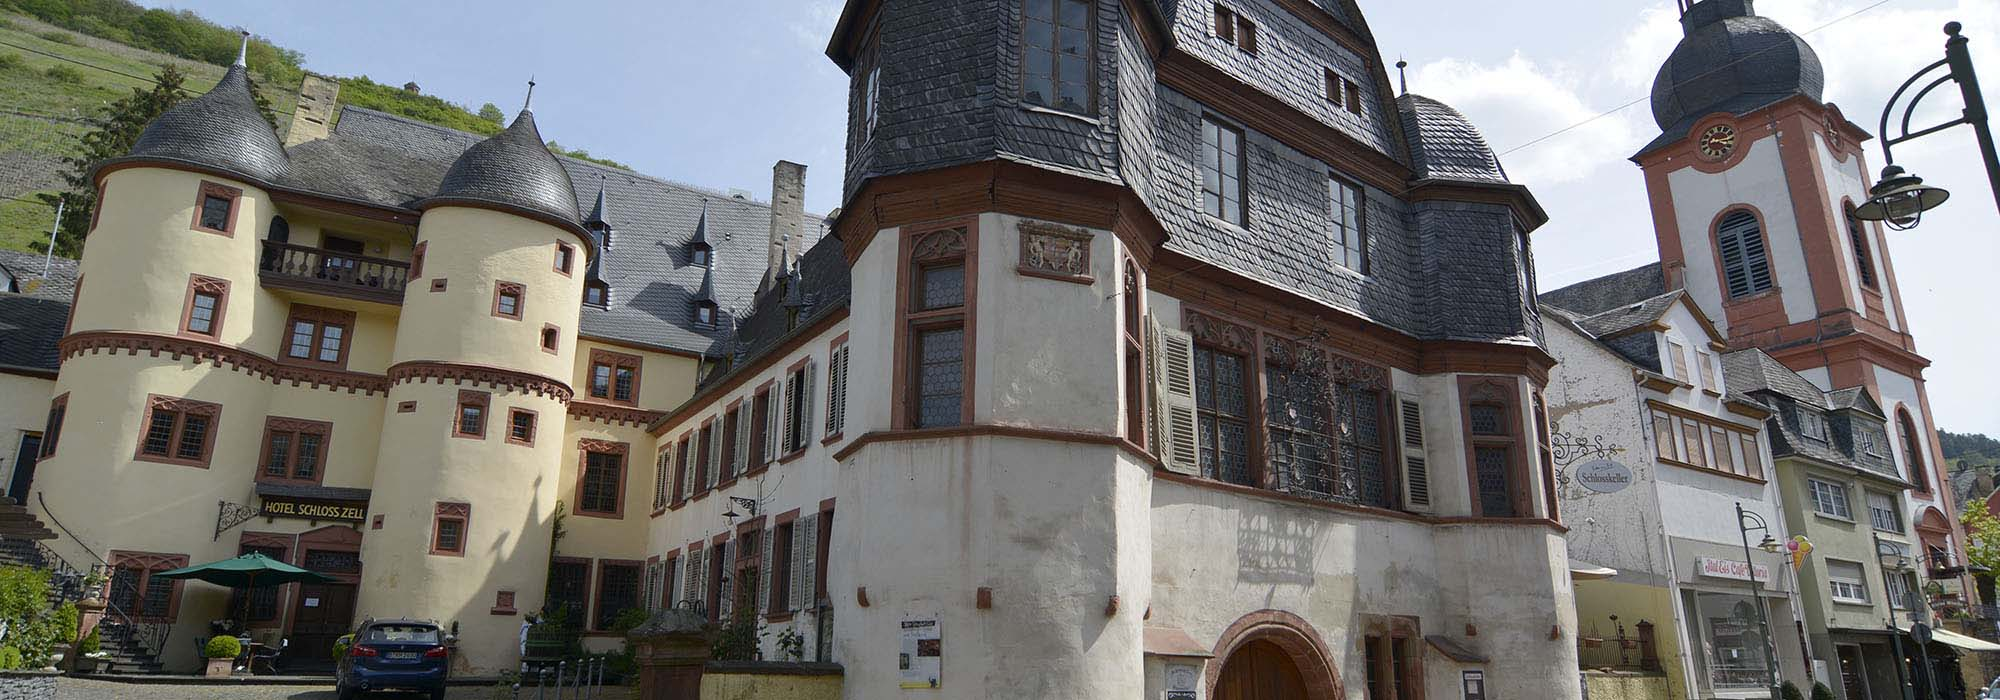 SchlossZell_ARN1170